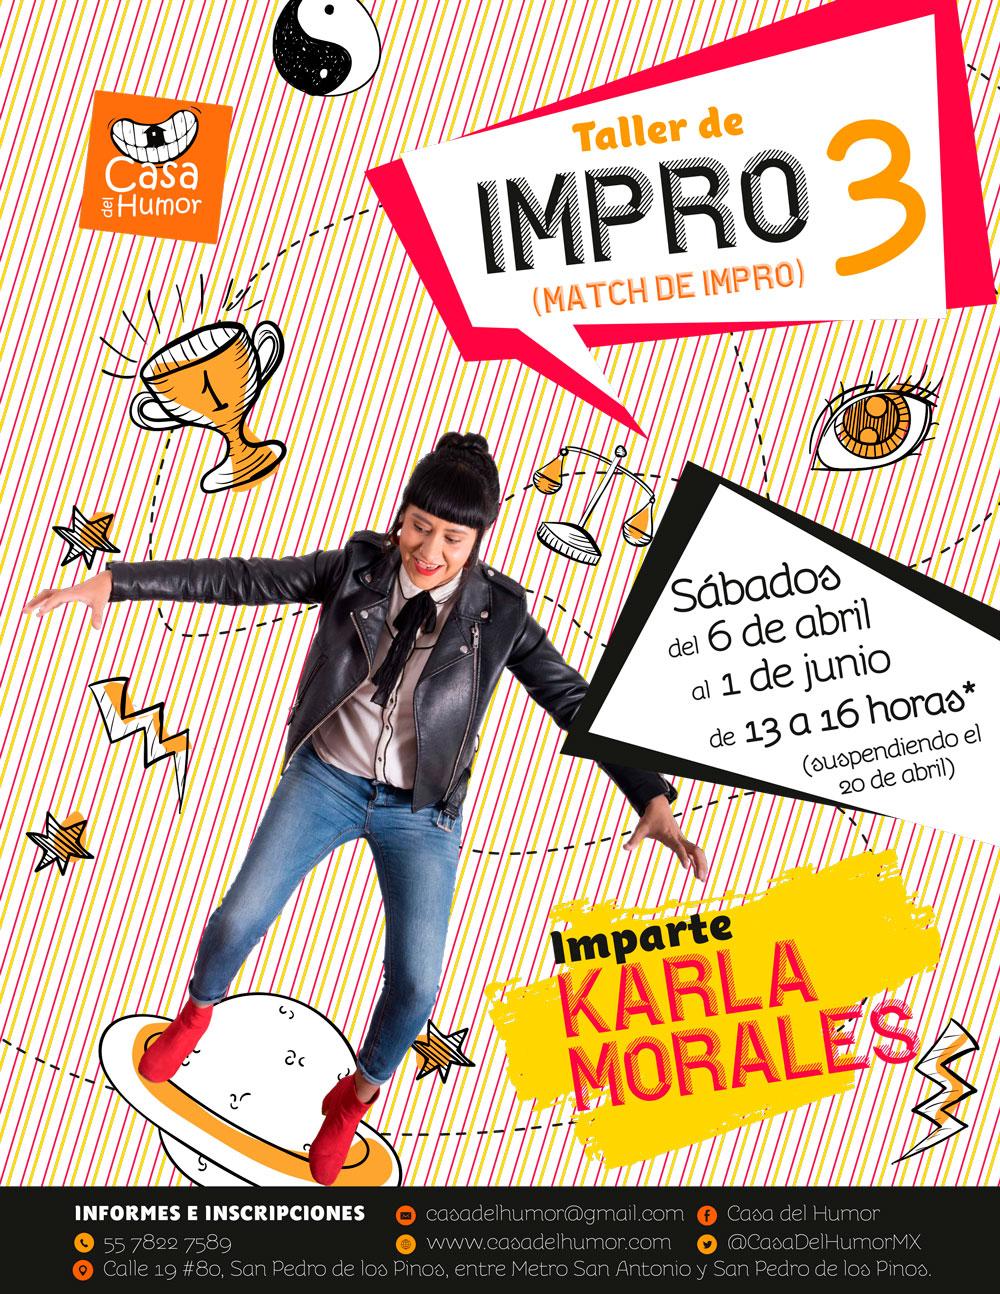 afiche_impro3_v2